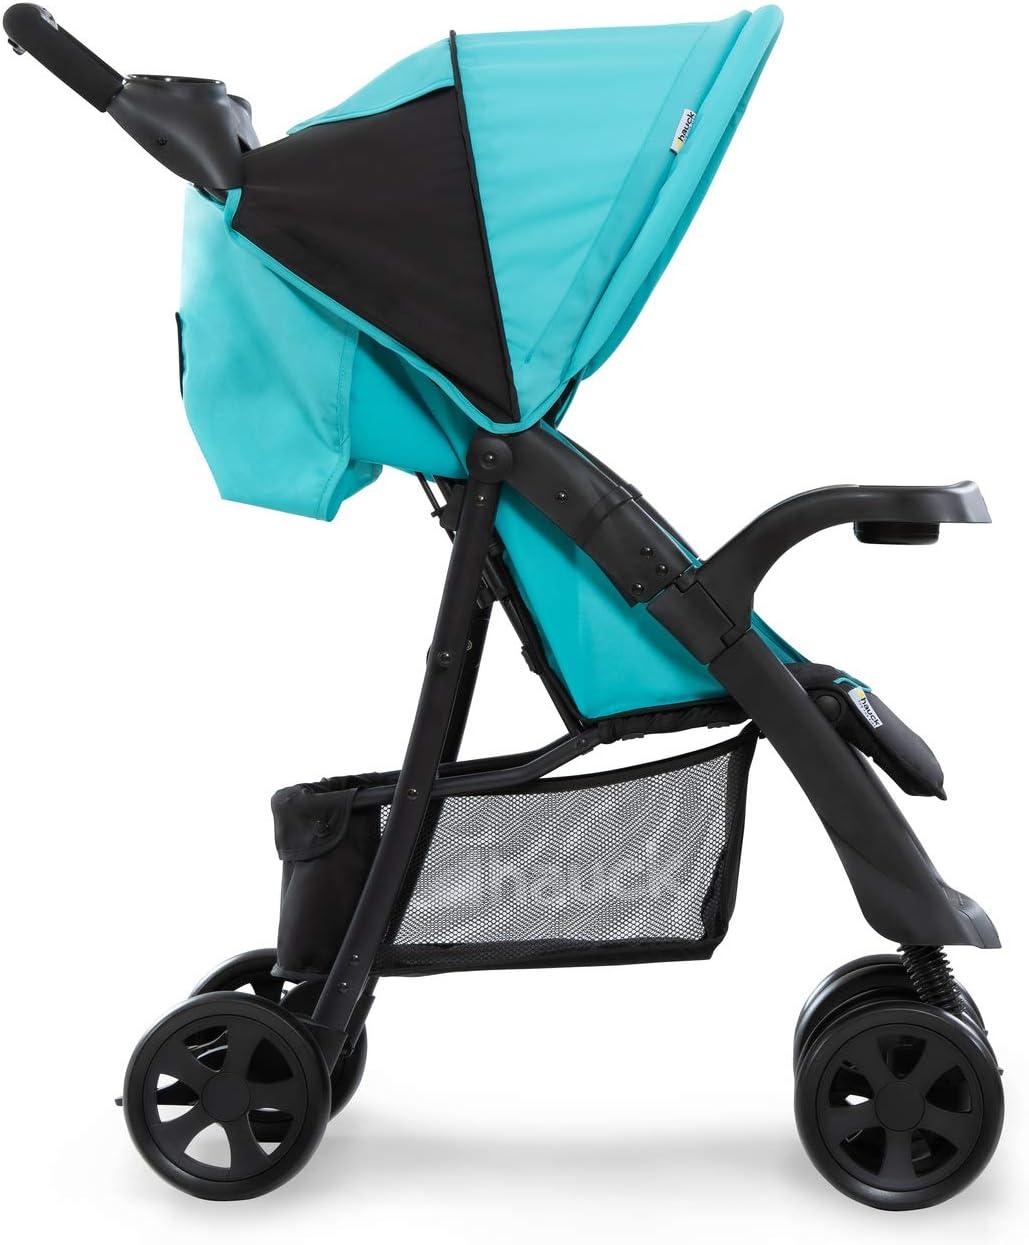 de 0 meses a 25 kg negro rojo Silla de paseo con respaldo reclinable plegable con una mano plegado f/ácil y compacto con botellero Hauck Shopper Neo II ligera